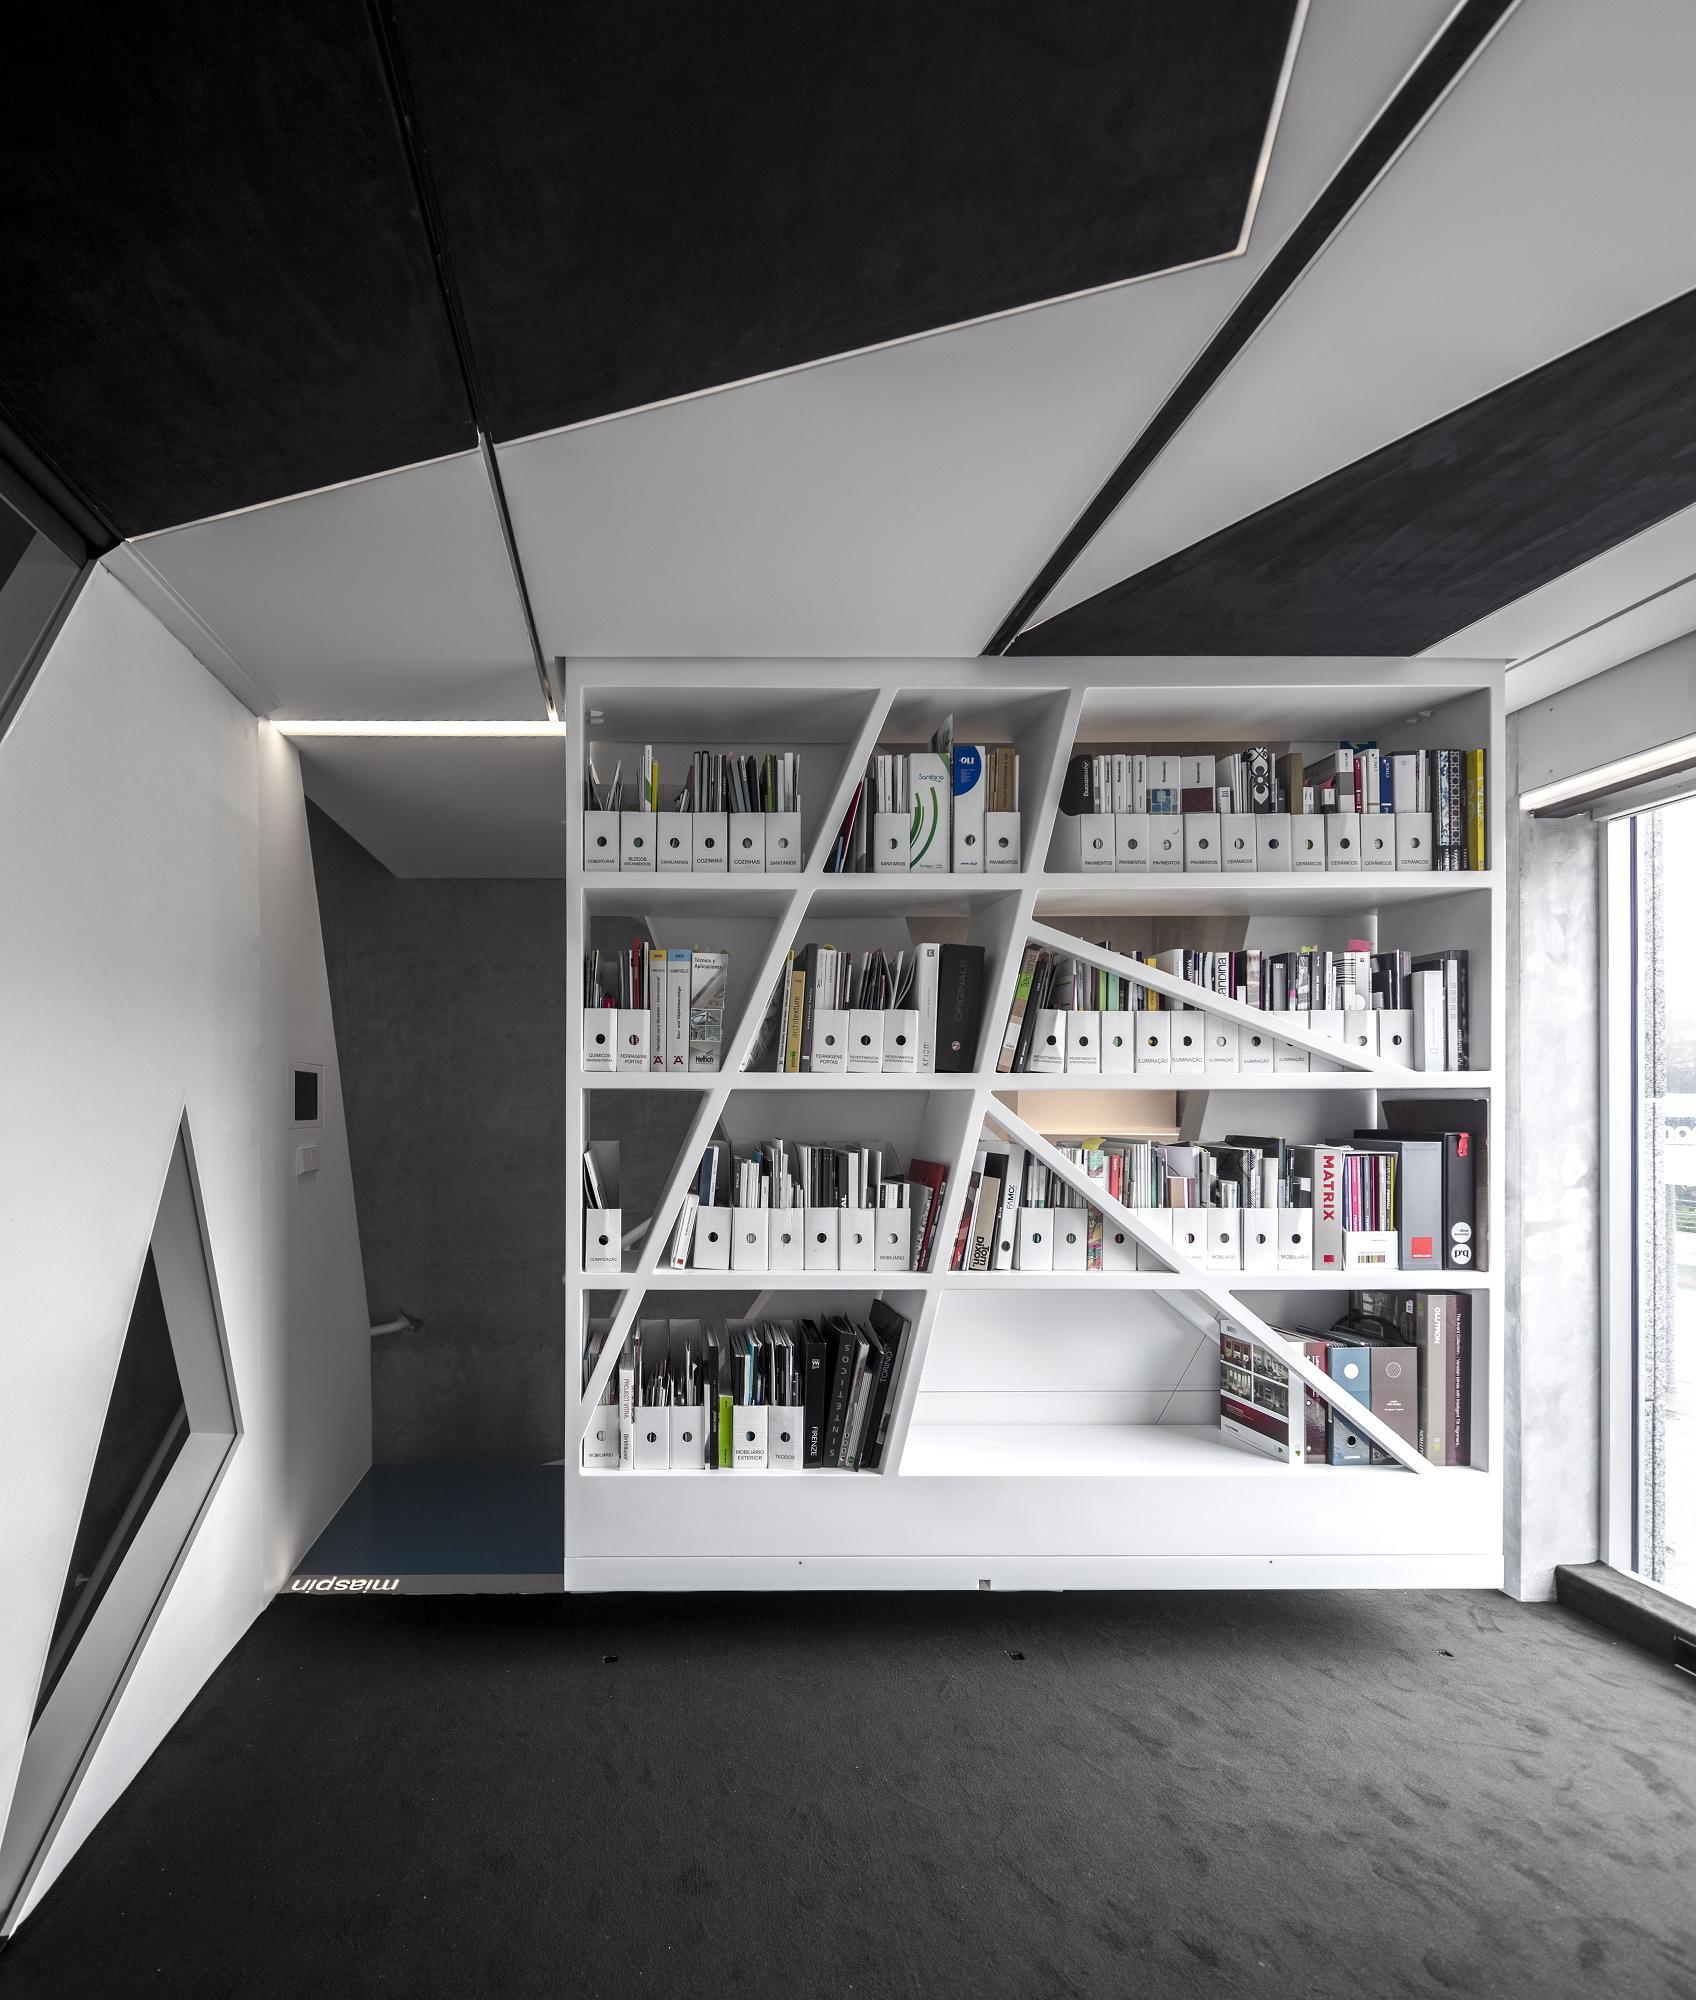 Galeria De Consexto Lab Consexto 18